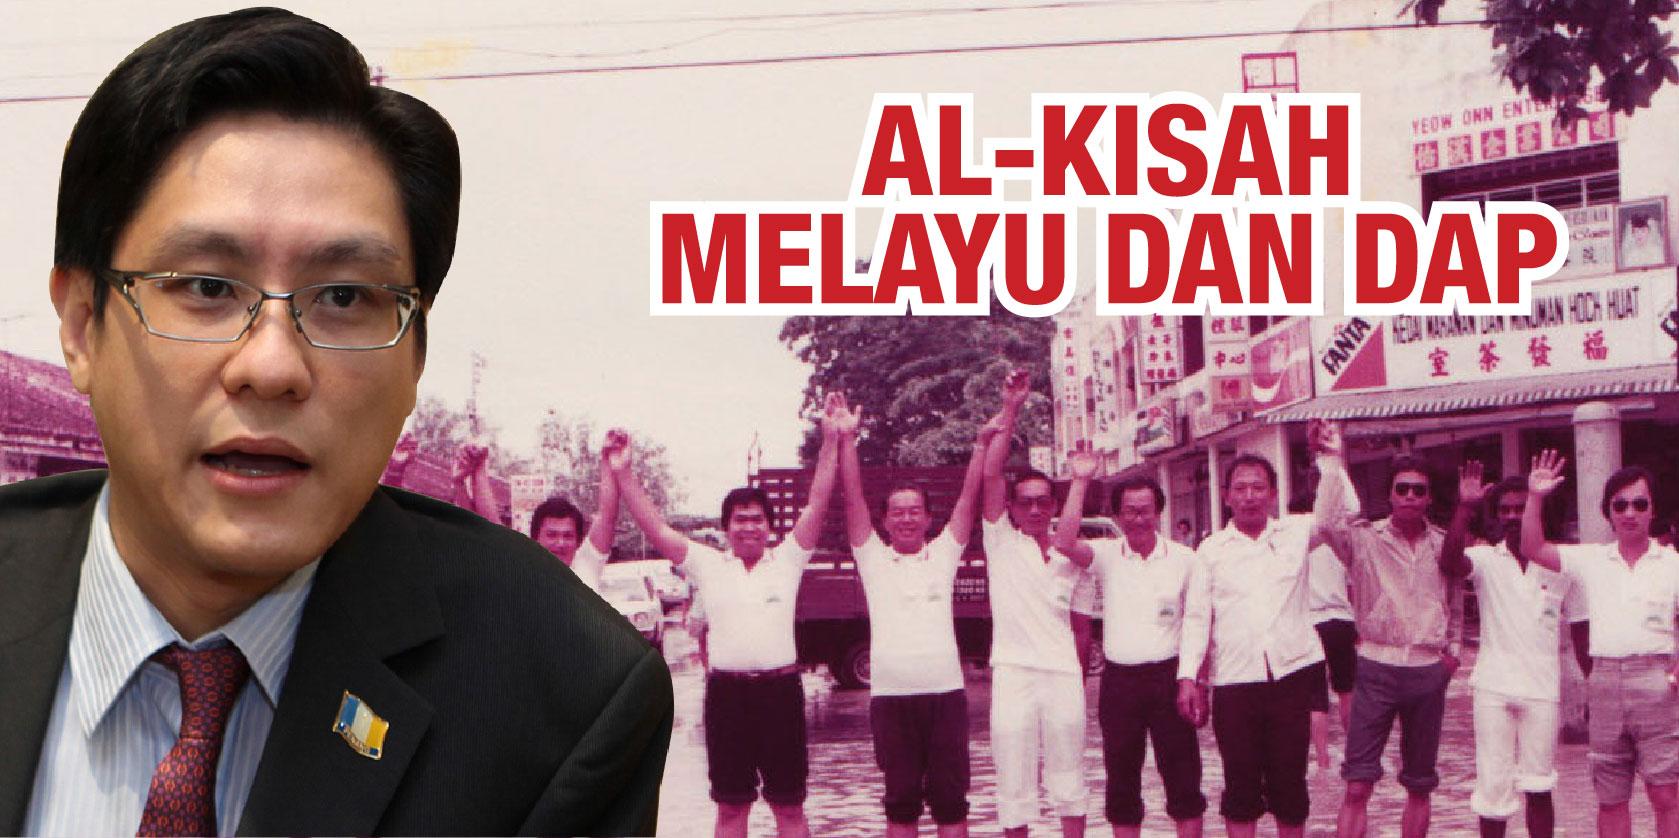 Al-Kisah Melayu dan DAP